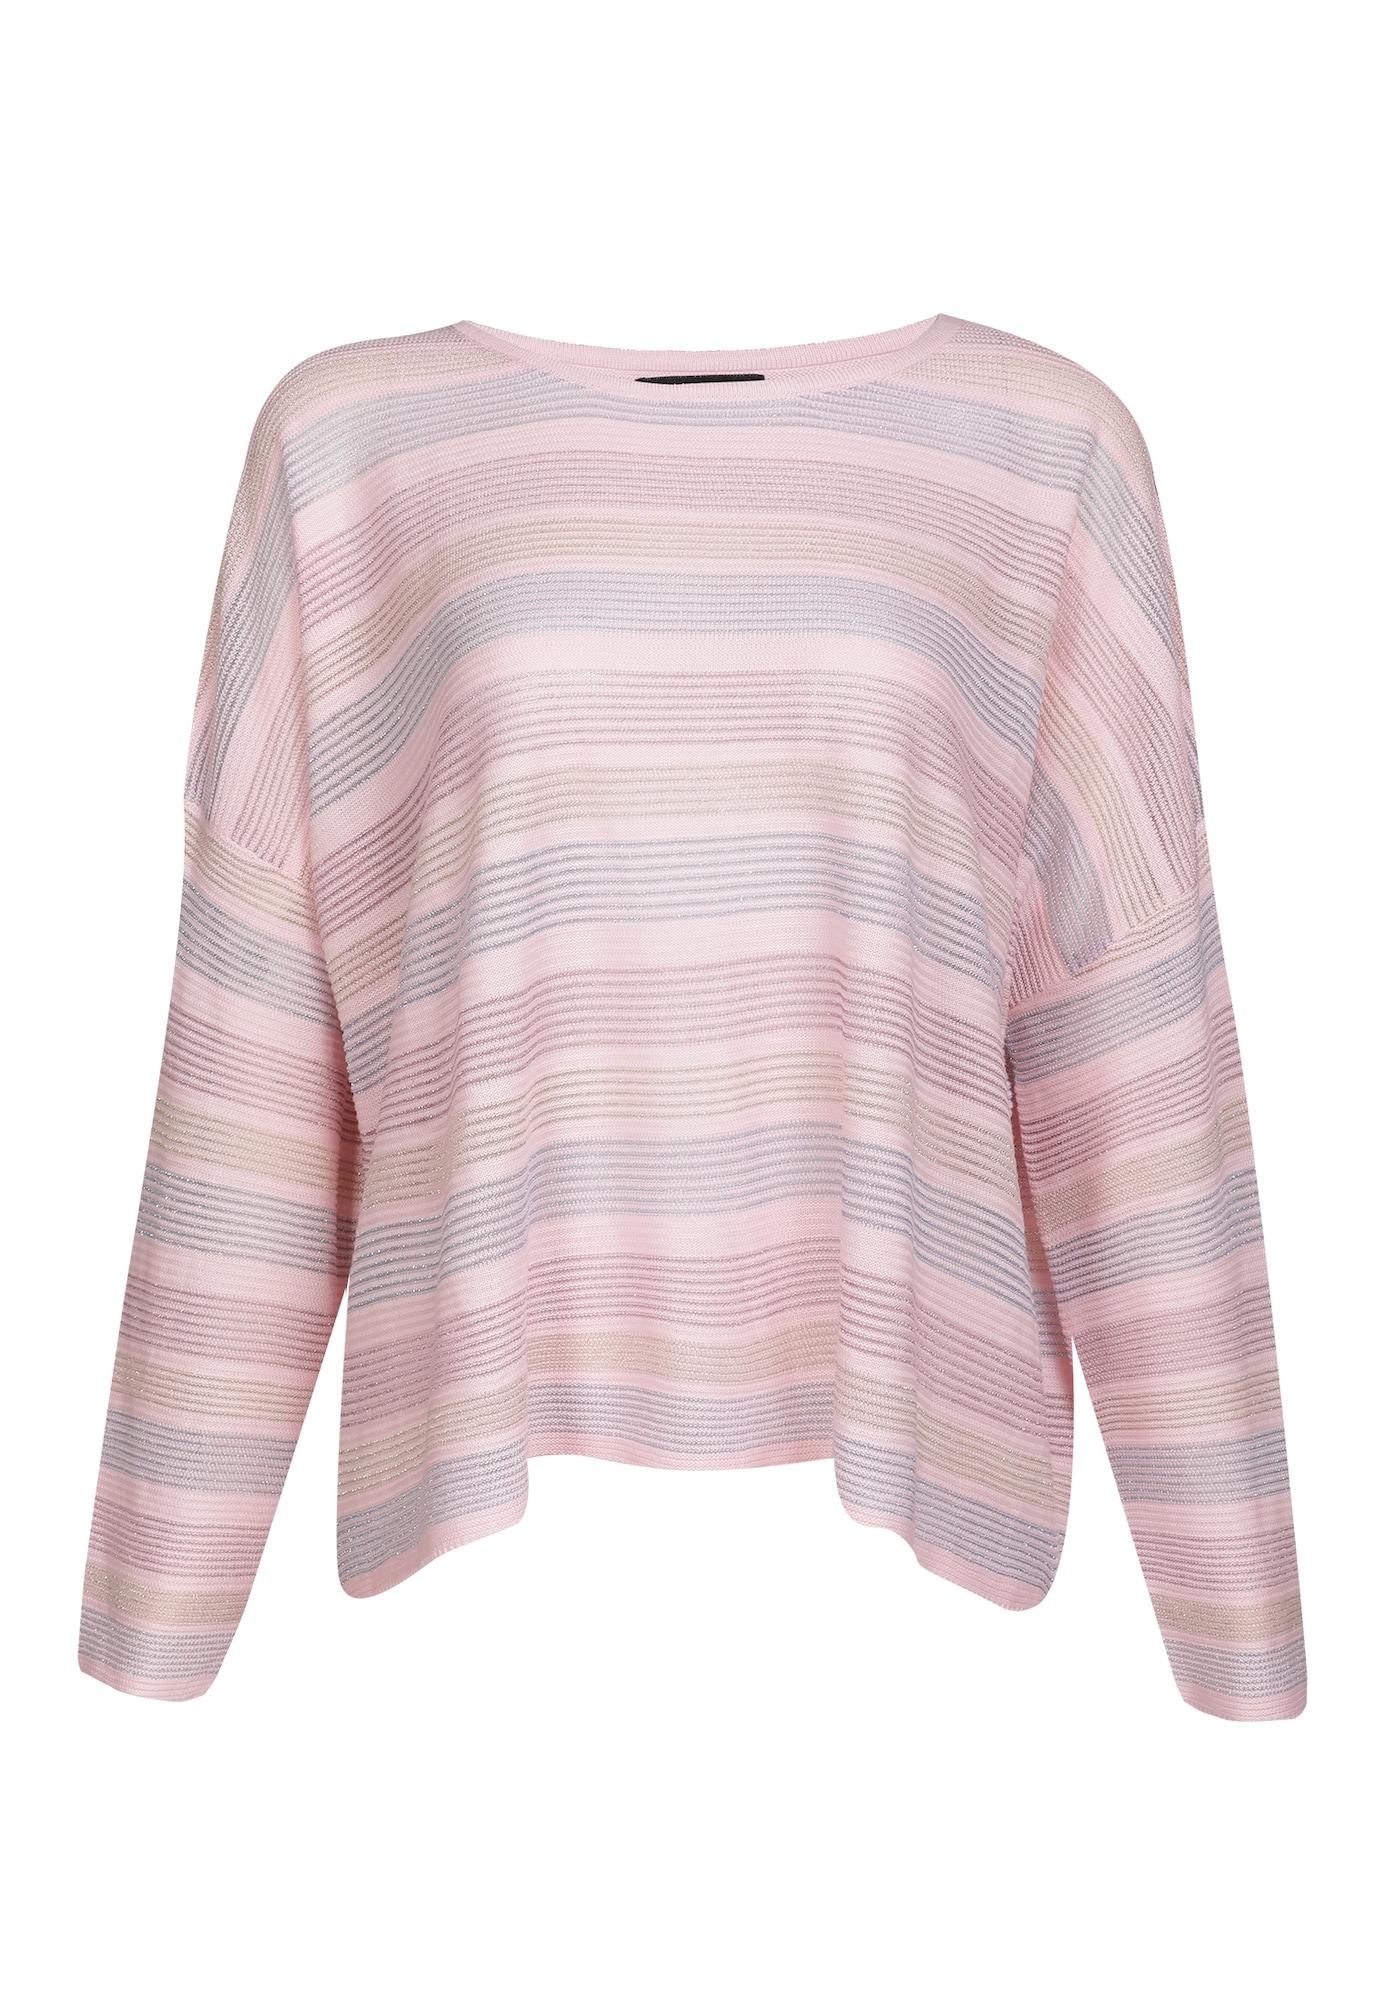 myMo at night Laisvas megztinis rožinė / rožių spalva / pastelinė rožinė